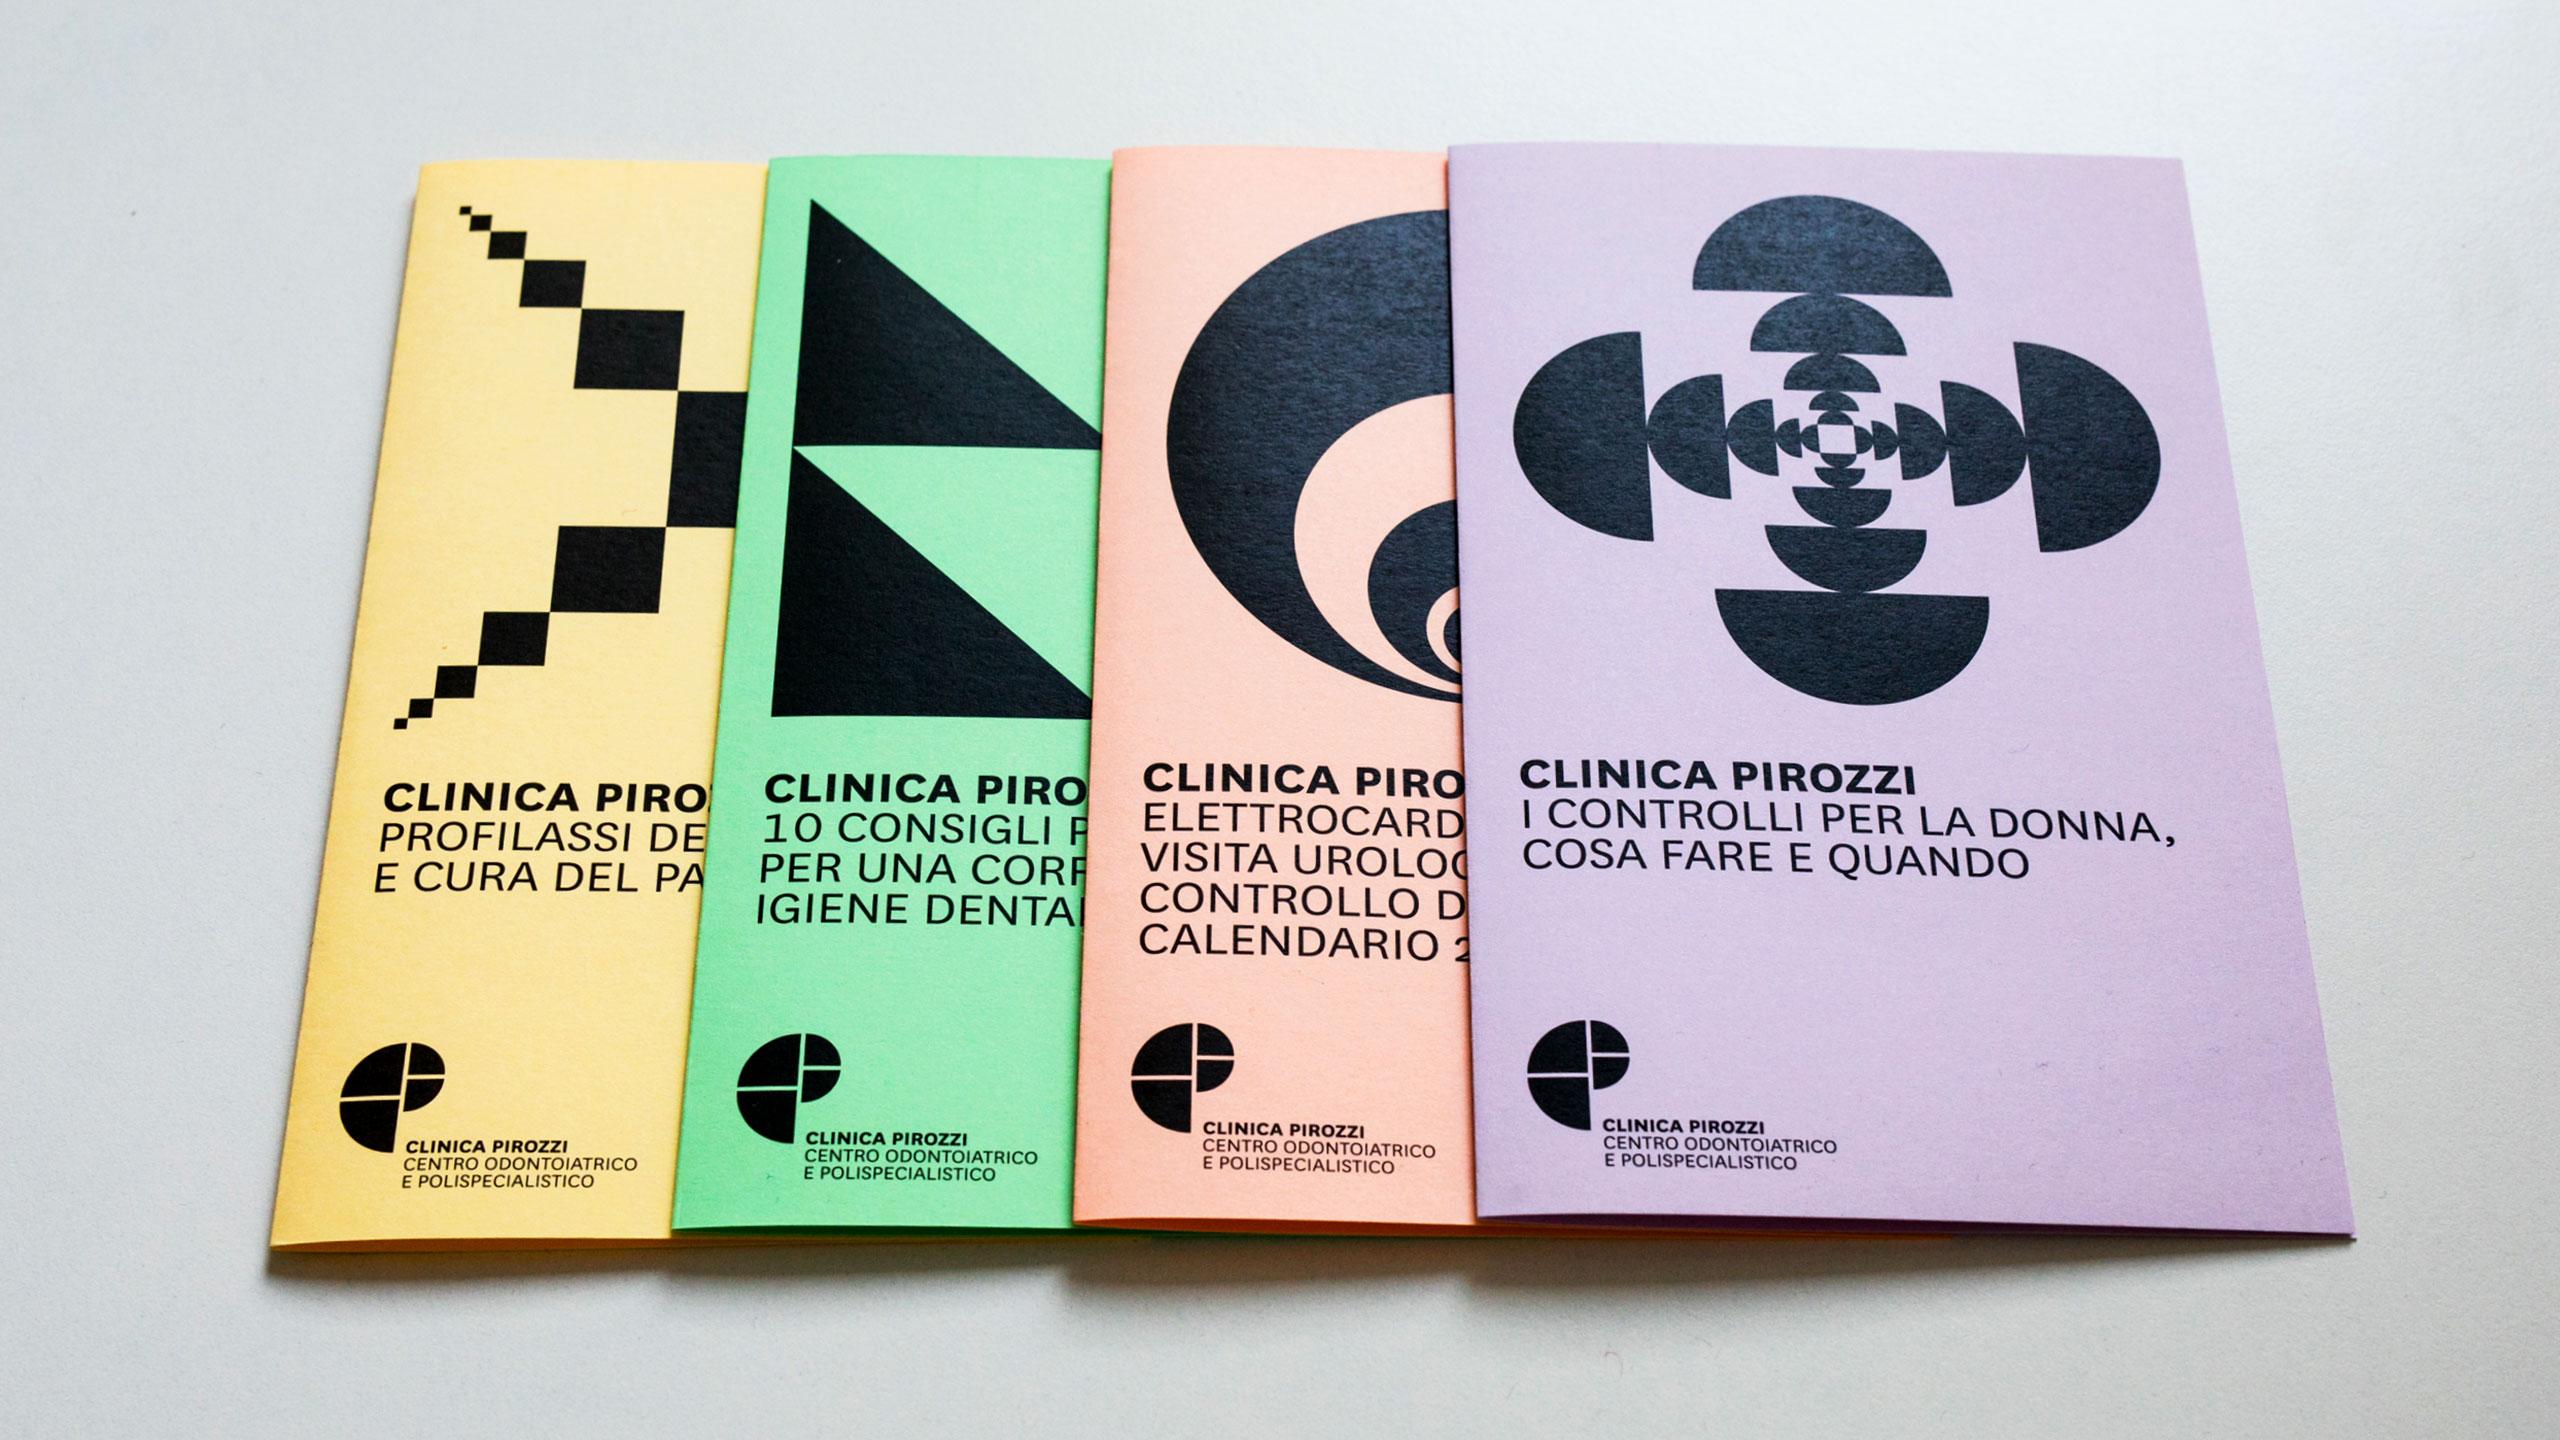 Clinica Pirozzi, 2019